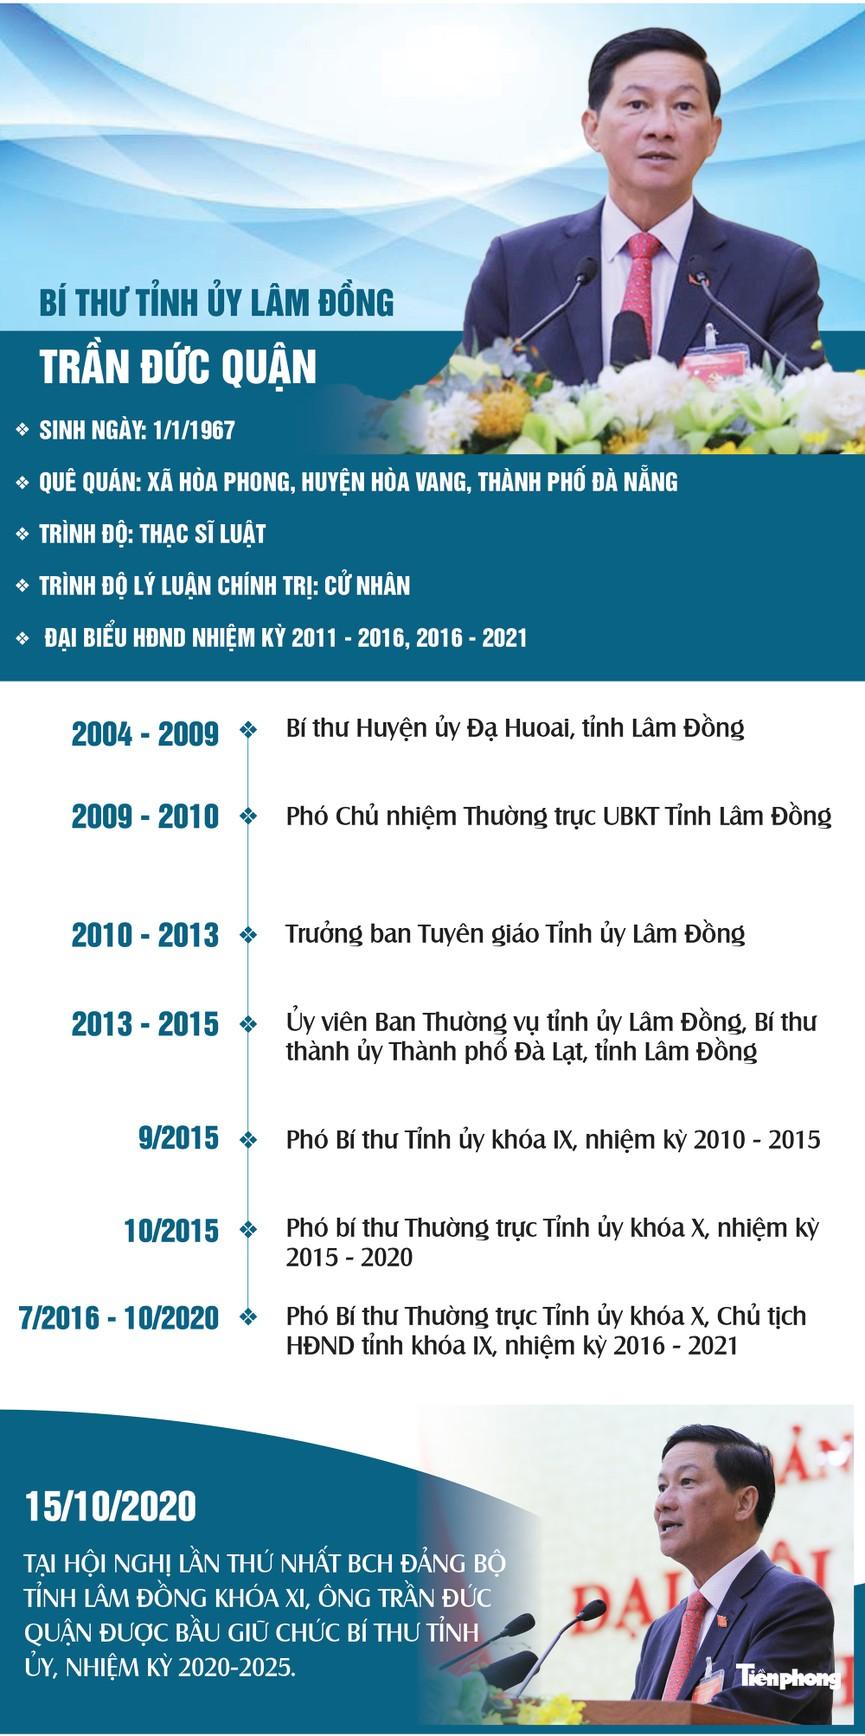 Chân dung Bí thư Tỉnh ủy Lâm Đồng Trần Đức Quận - ảnh 1